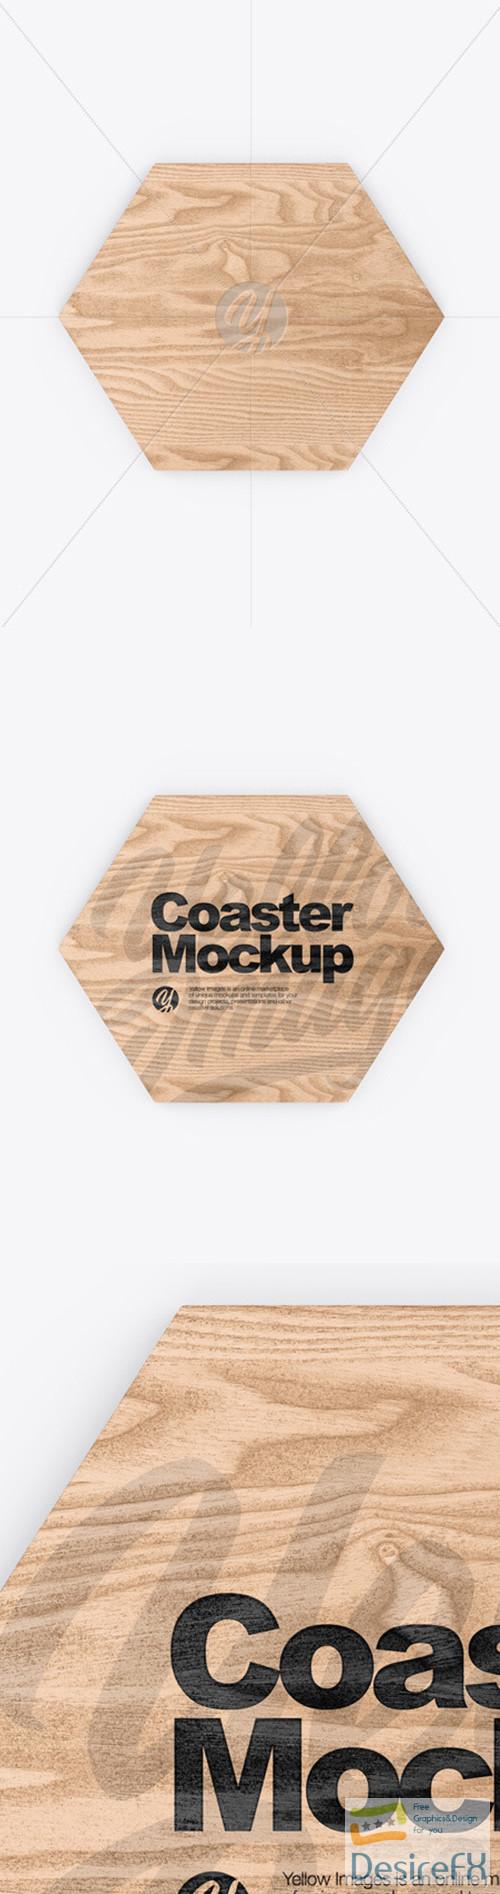 mock-up - Wooden Beverage Coaster Mockup 52118 TIF